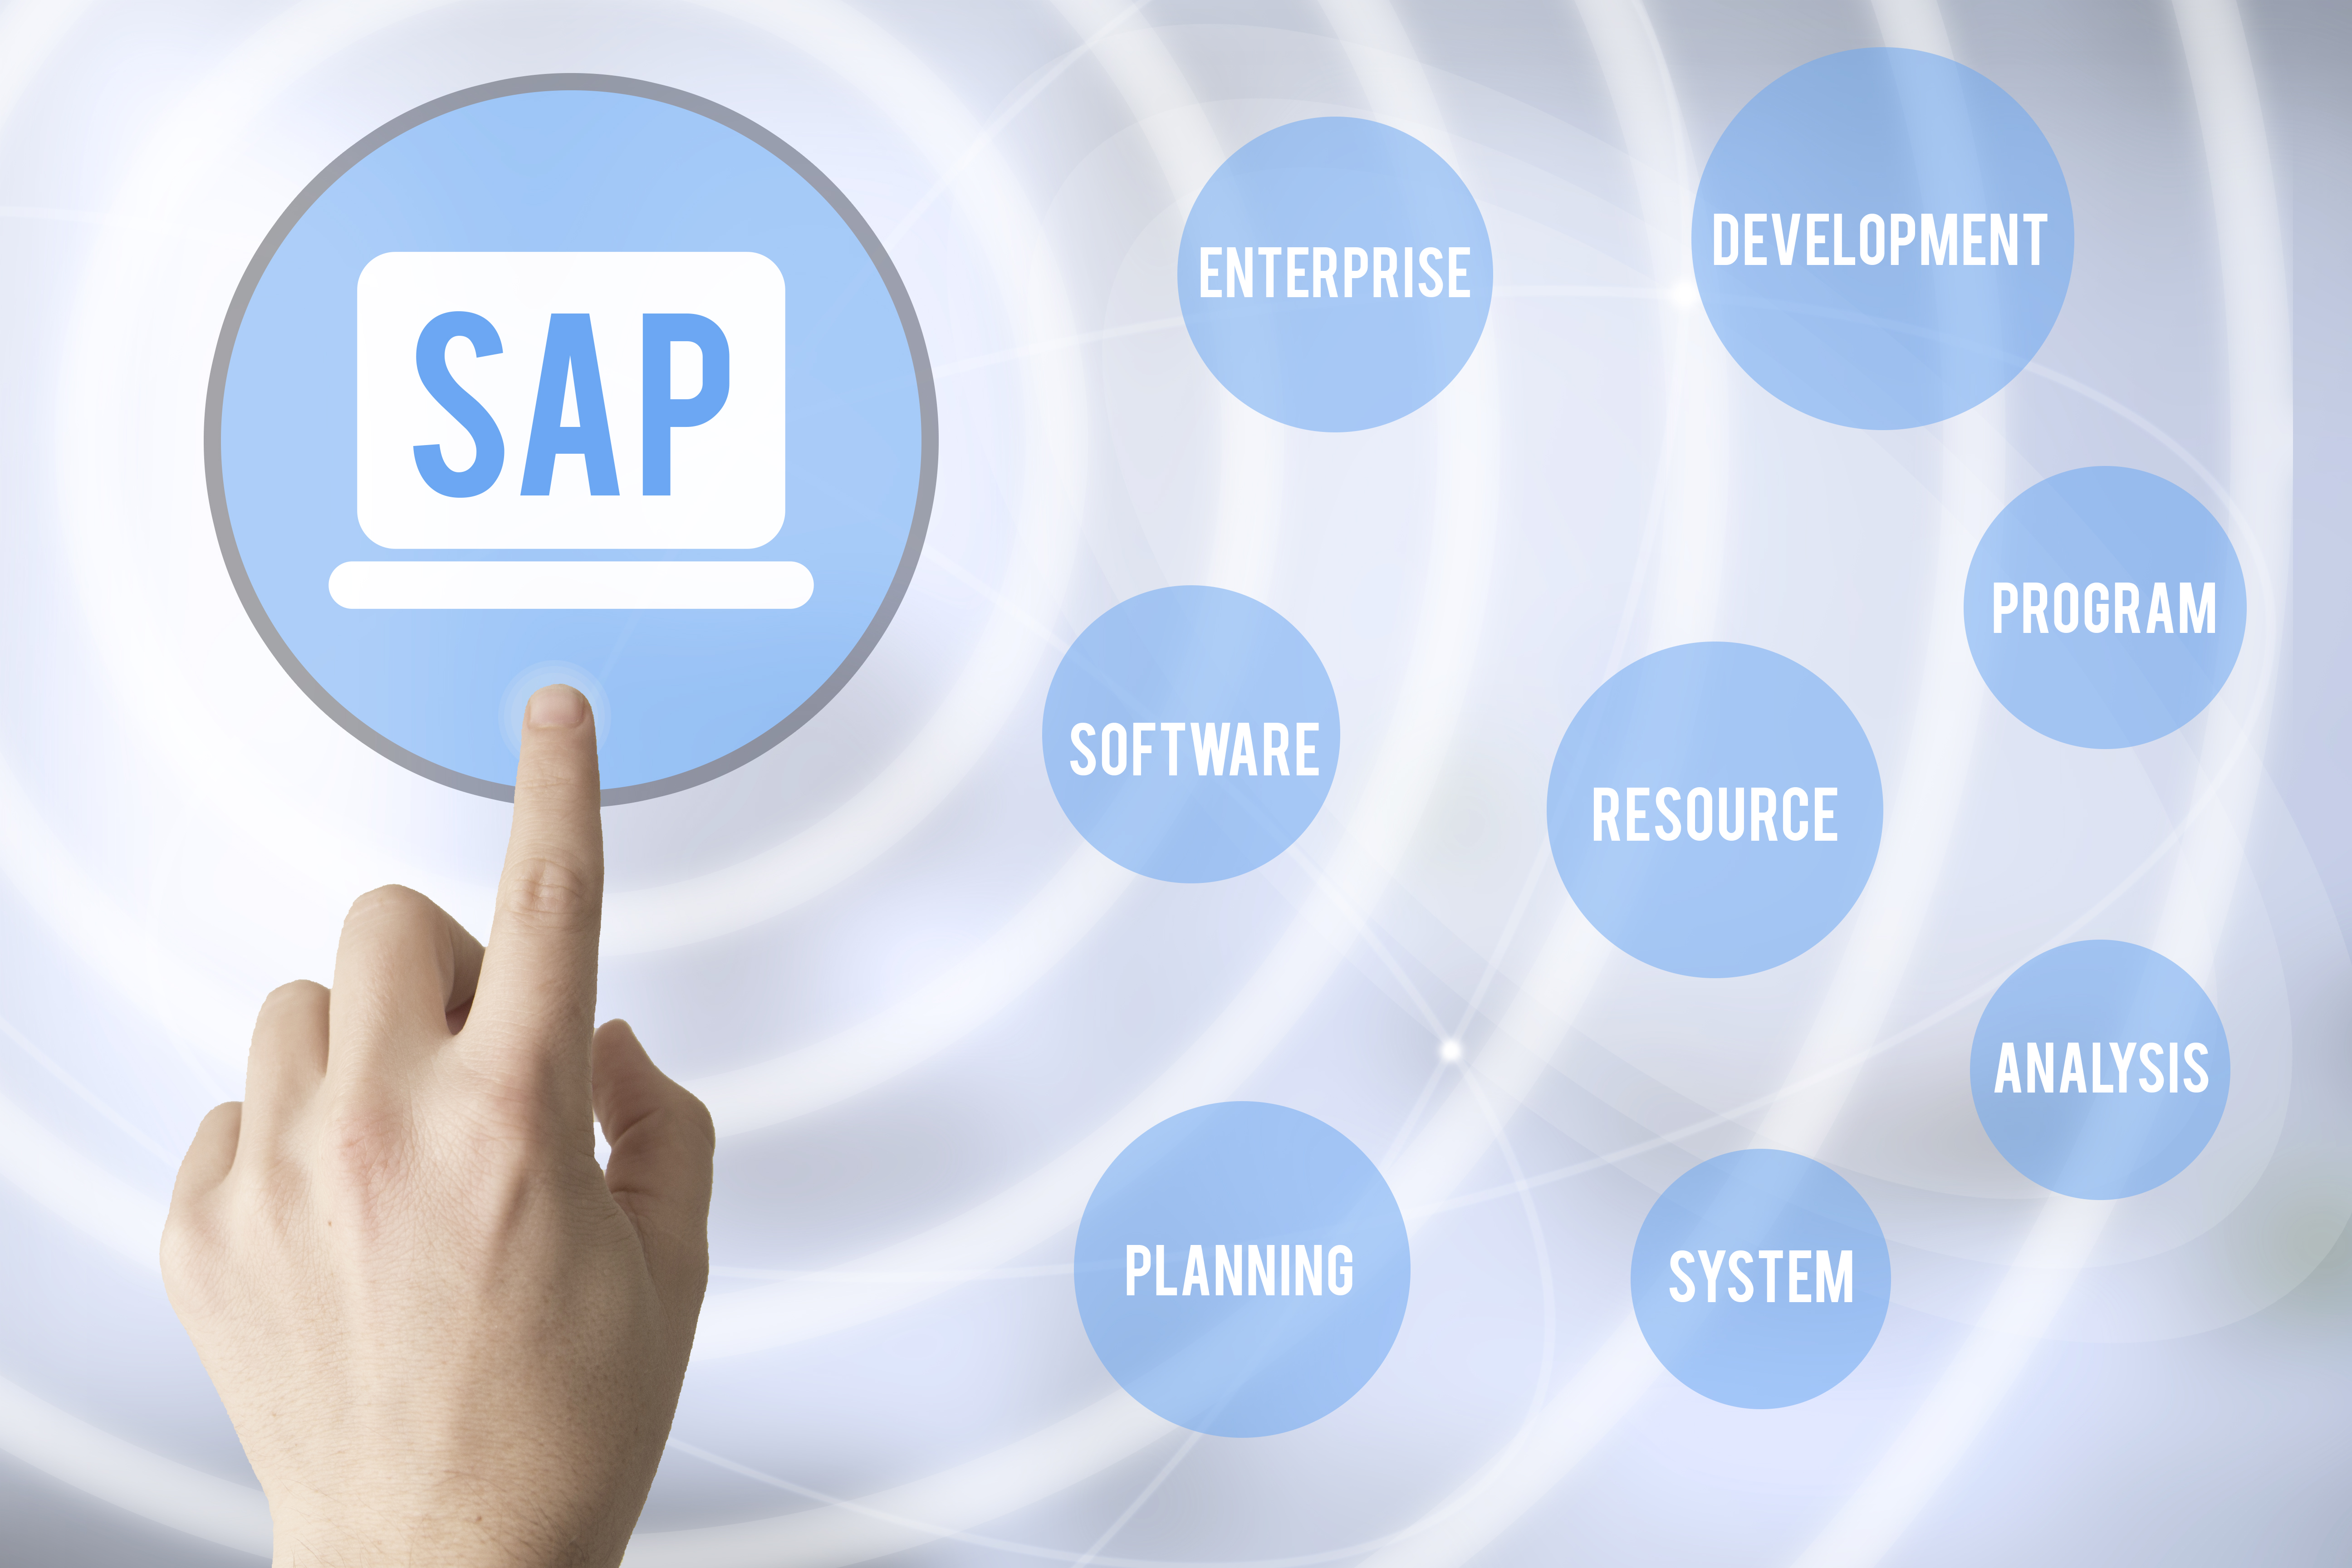 SAP Advantages and Disadvantages | Bizfluent